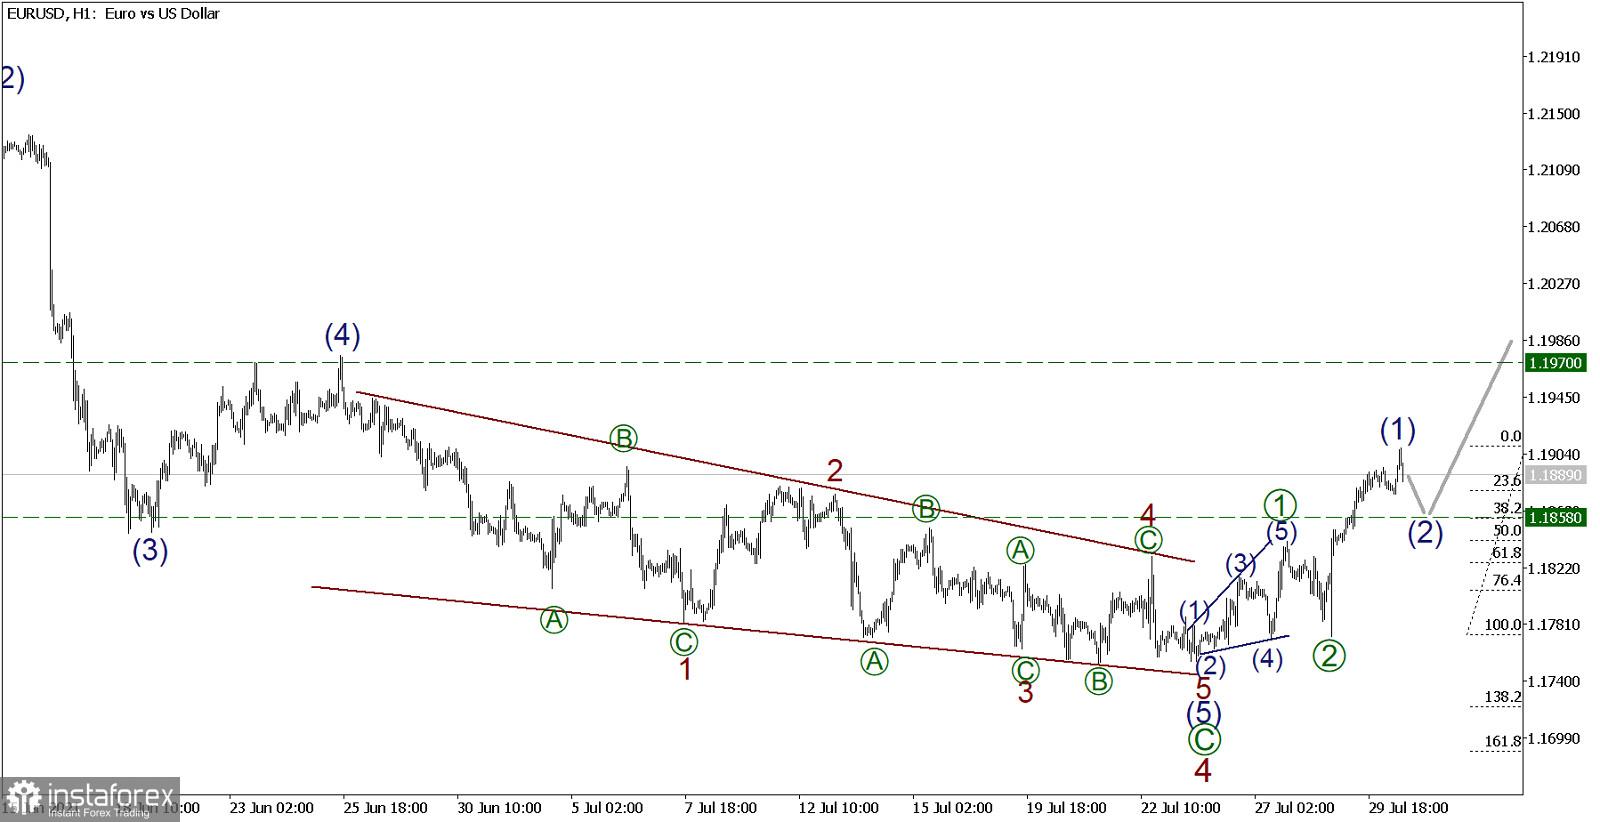 EUR/USD 30 июля. Бычий тренд двигается к первой цели 1.197, открывать длинные позиции ещё можно